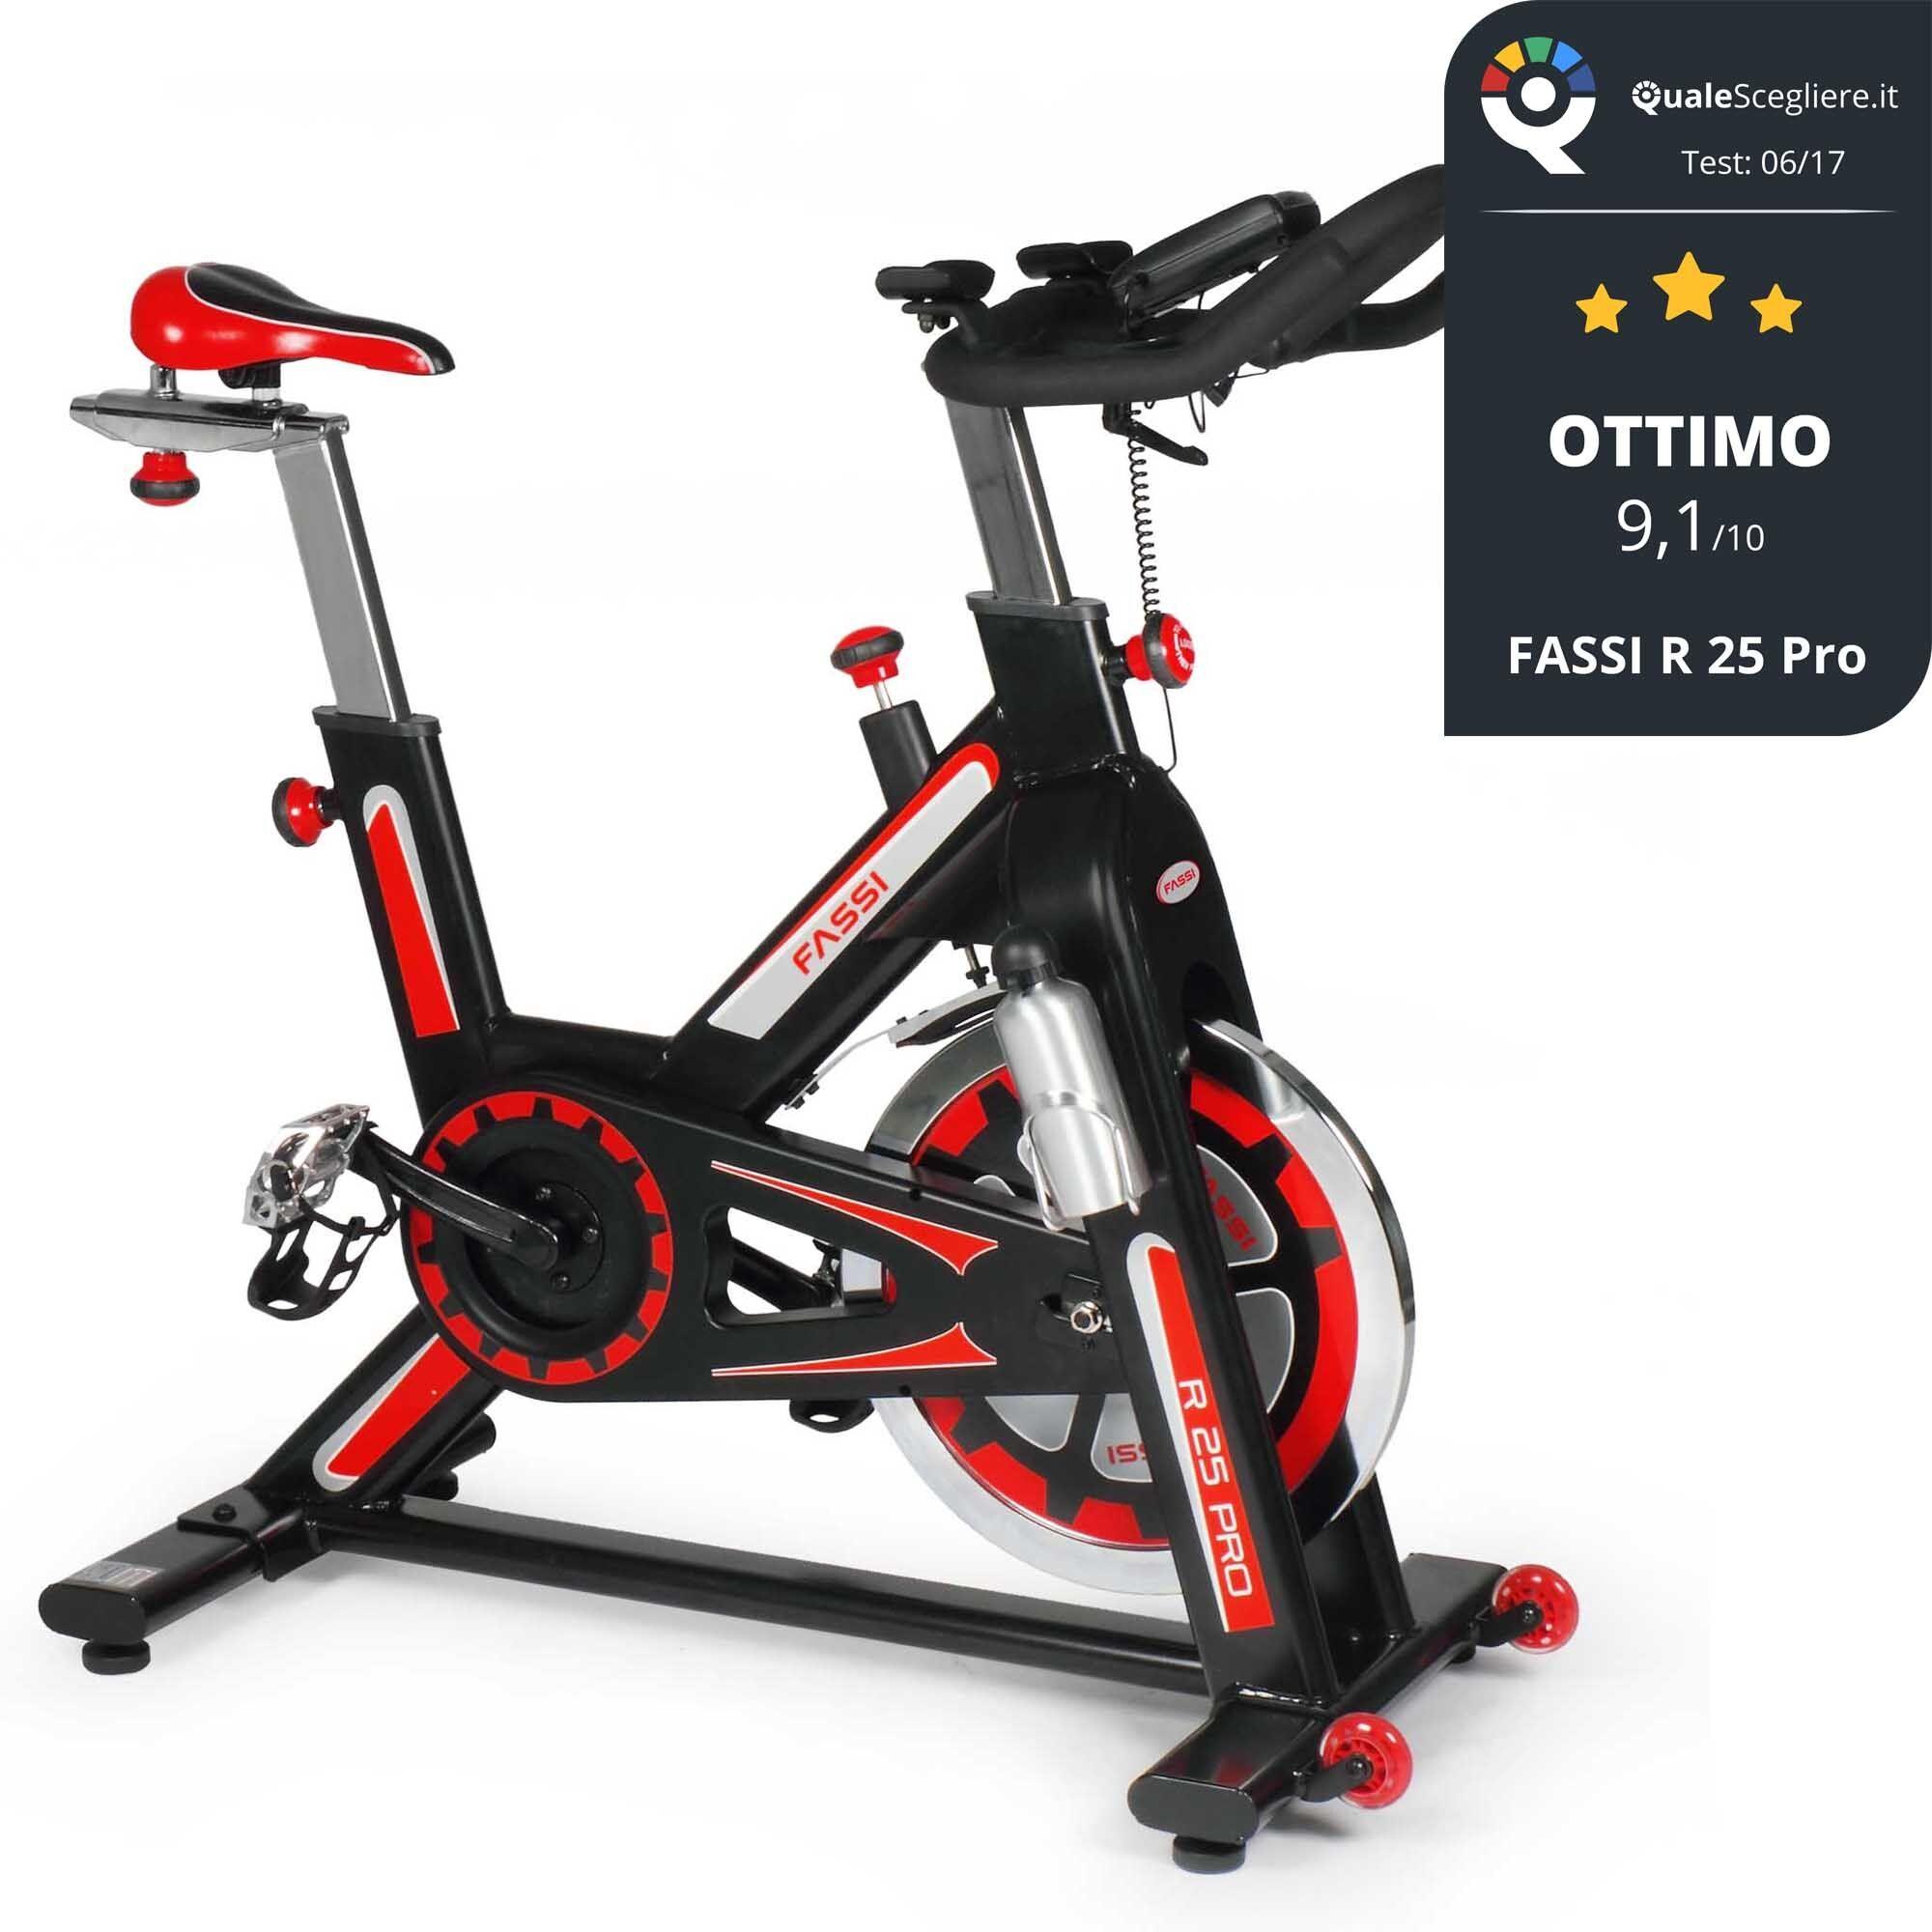 fassi fit bike r 25 pro fassi